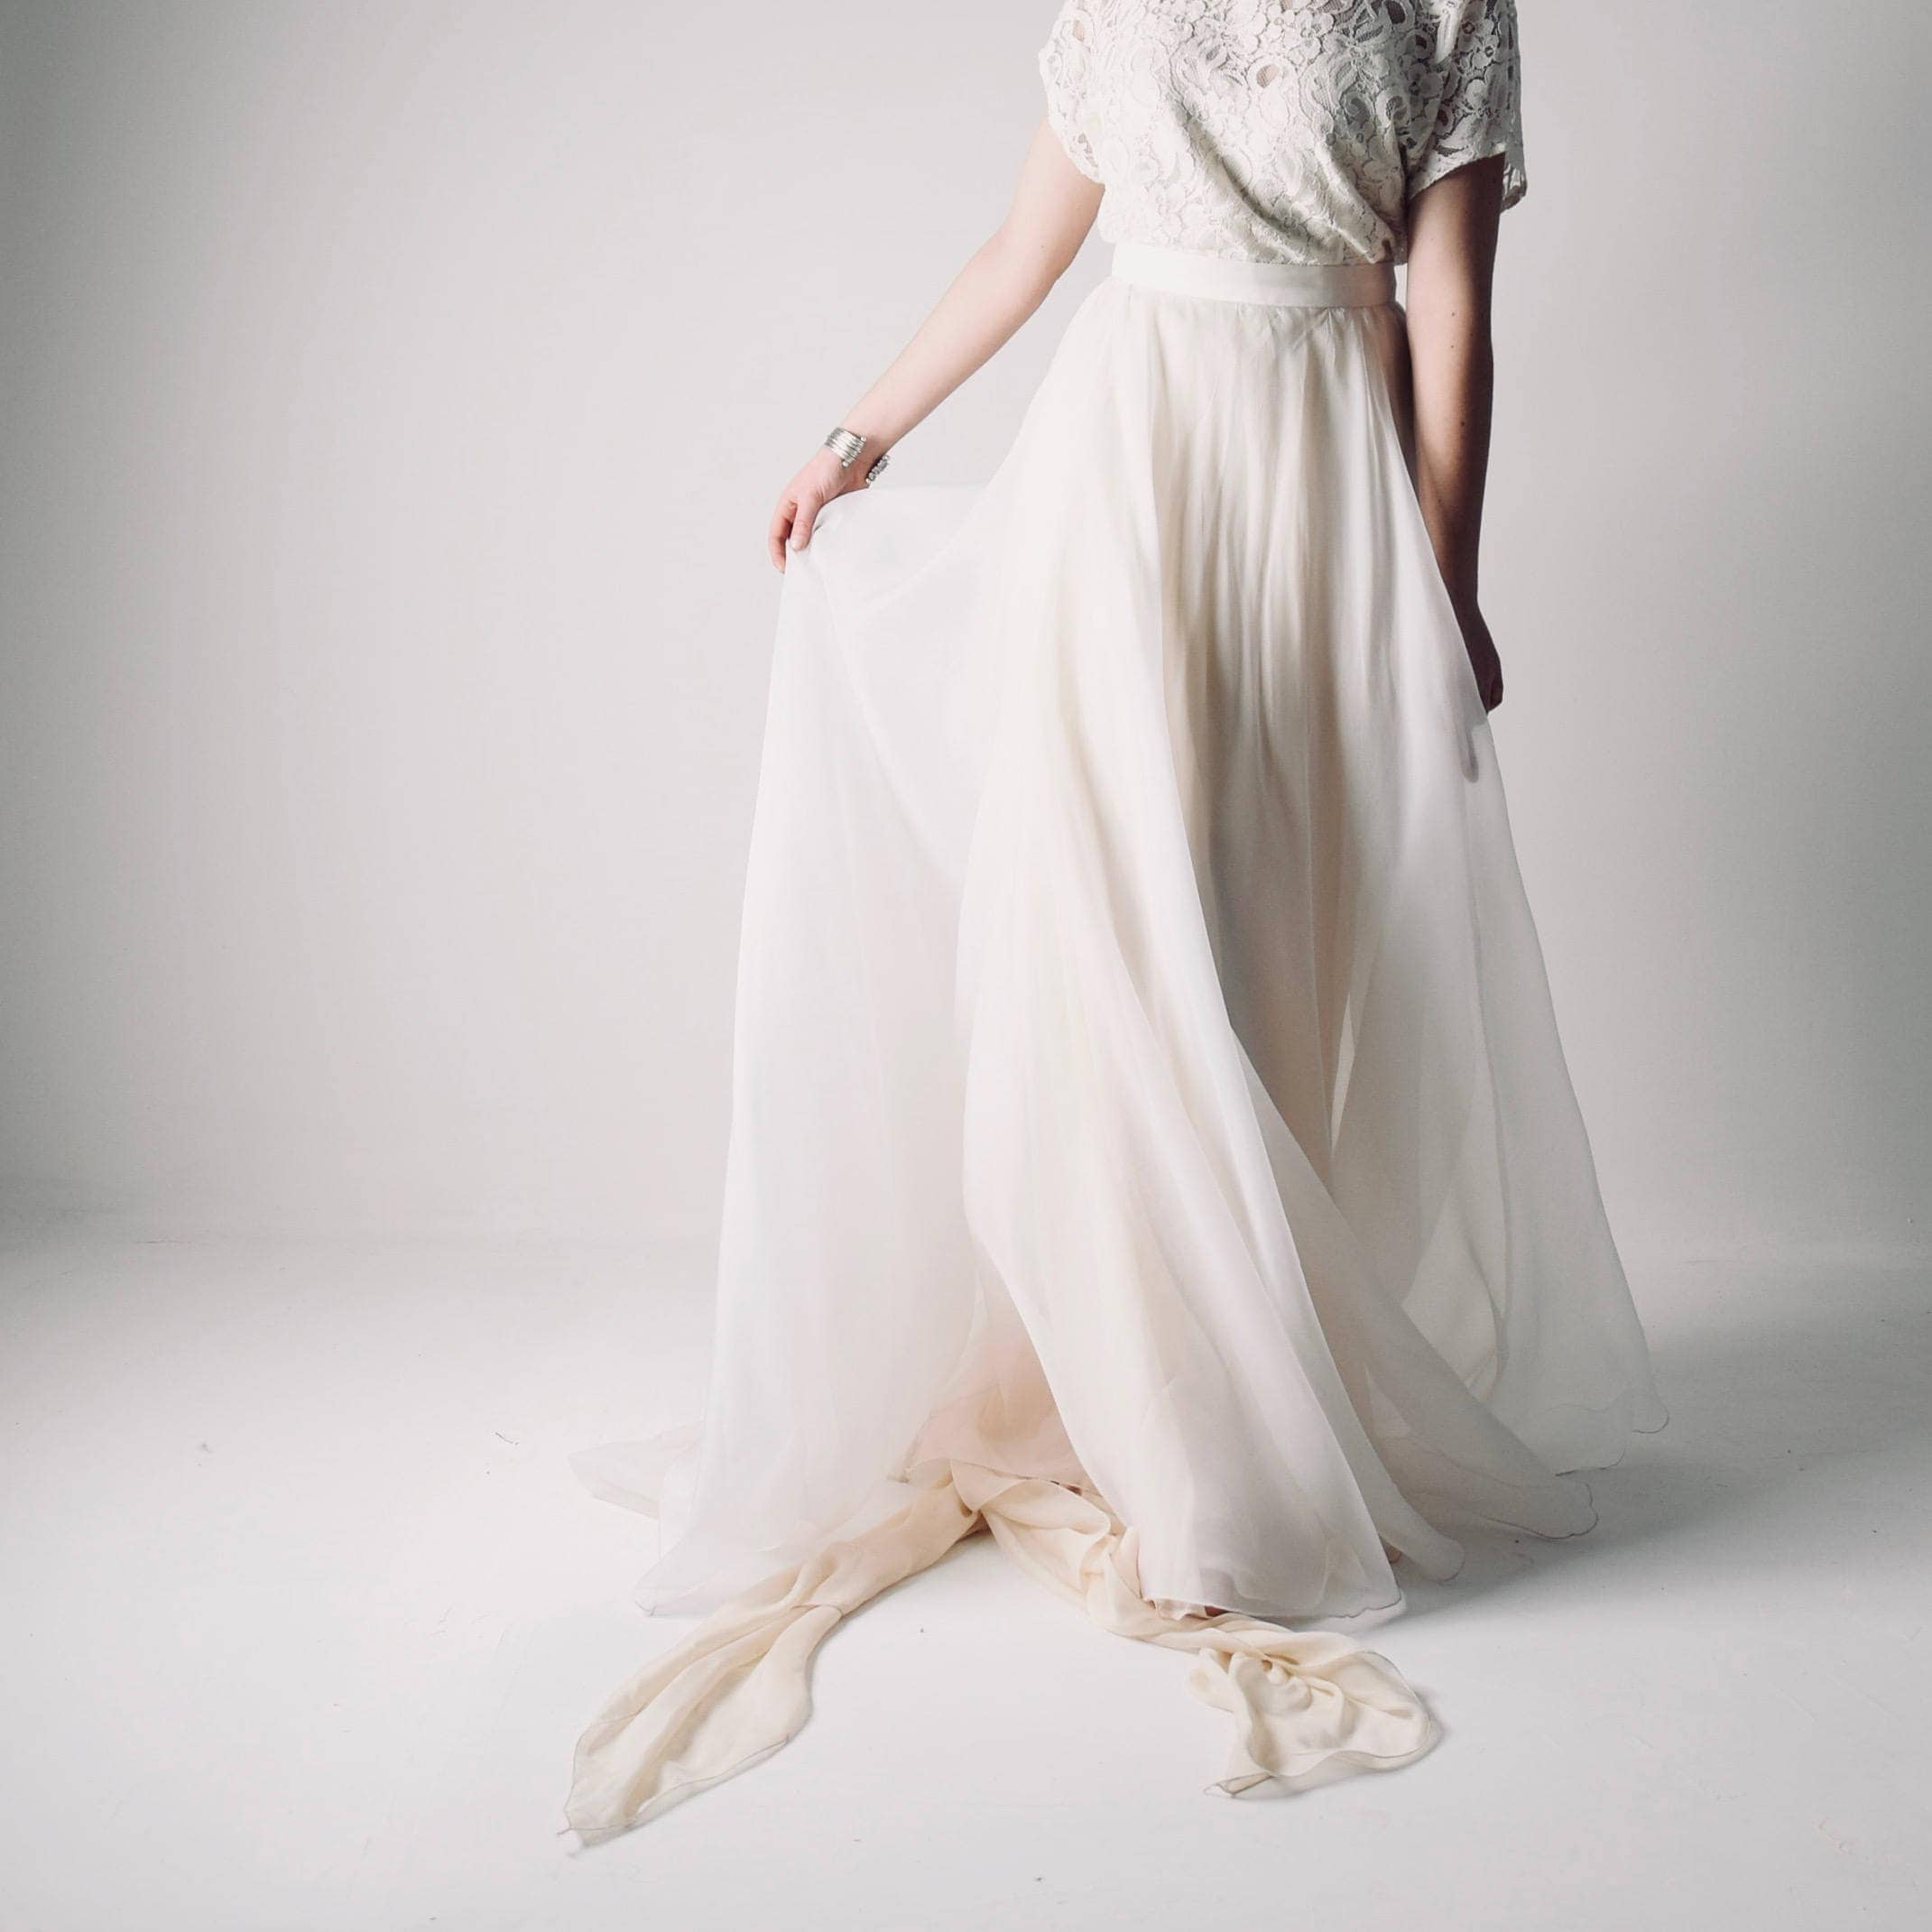 Silk Organza Wedding Skirt Bridal Separates By Larimeloom